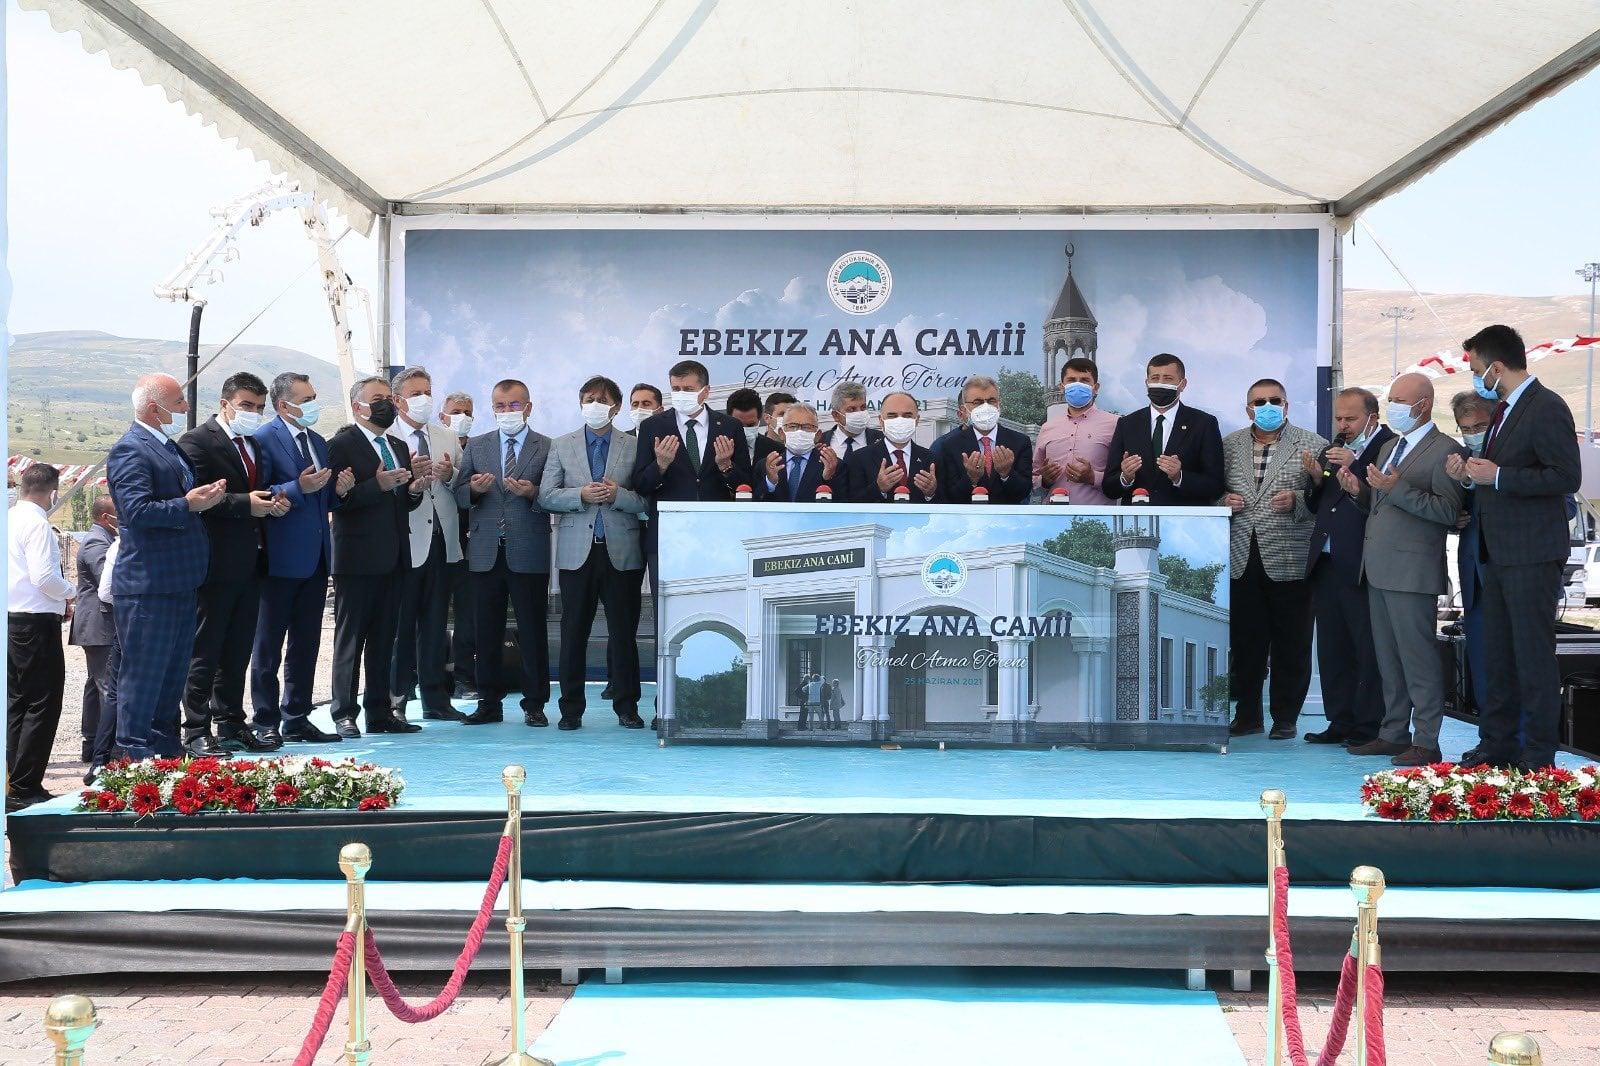 Ebekız Ana Camii Temel Atma Töreni Gerçekleştirildi